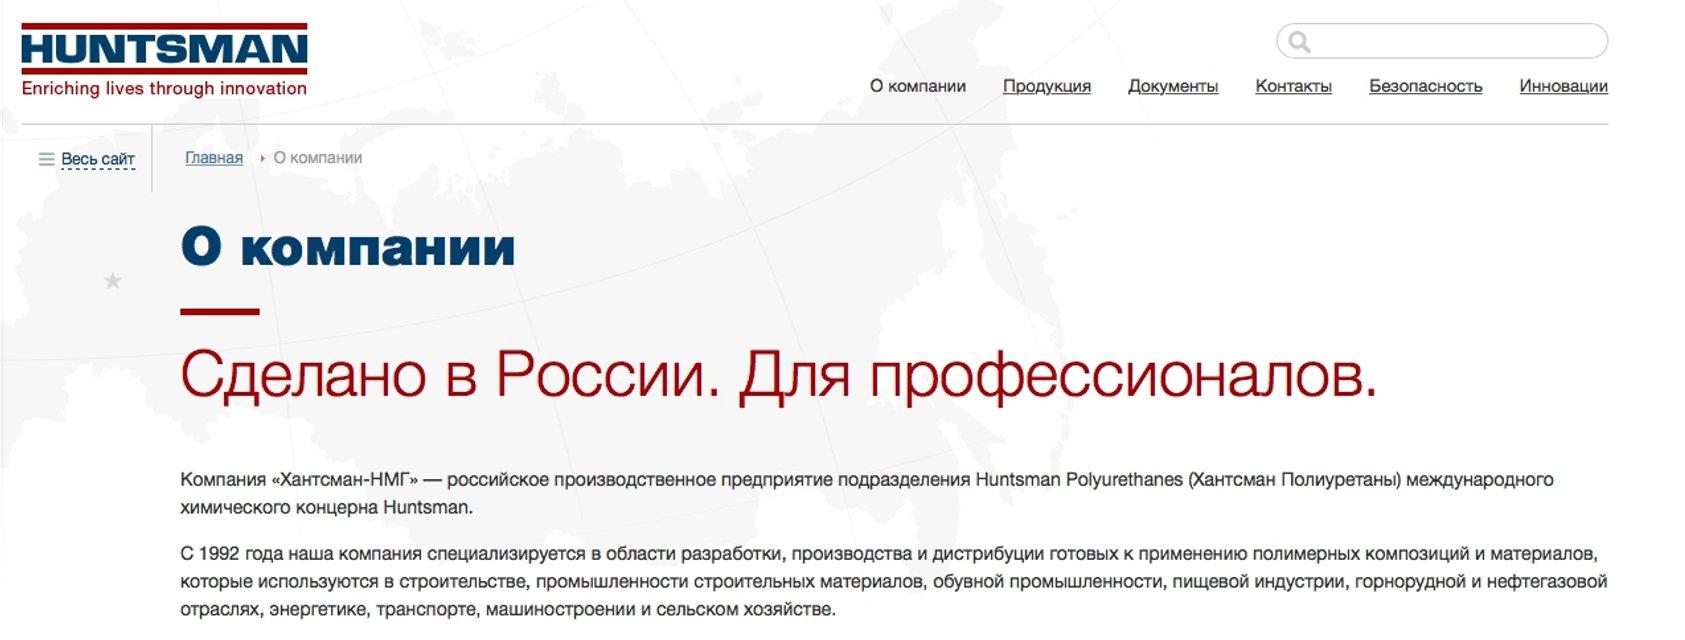 У кандидата на пост посла США в России есть бизнес в Украине - фото 59186